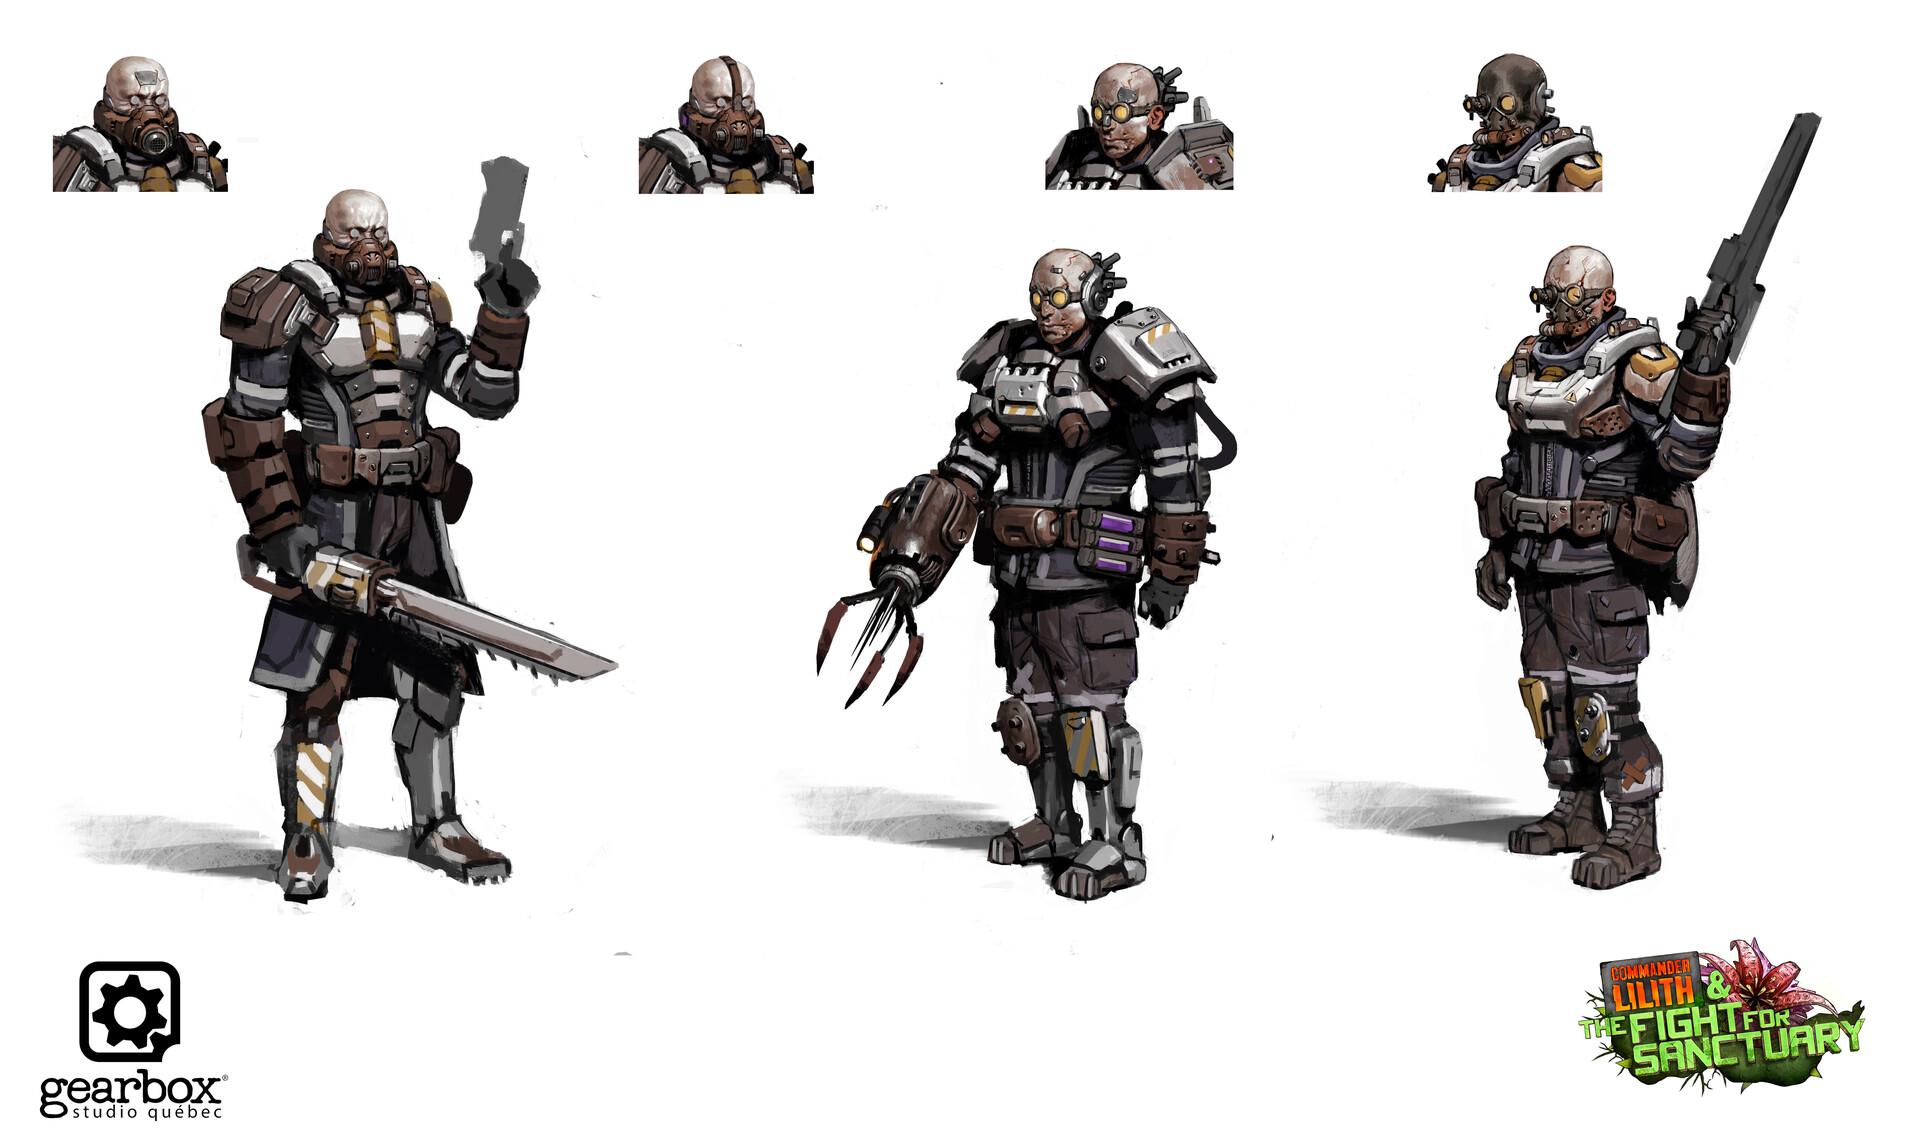 Jens claessens commanderlilith2